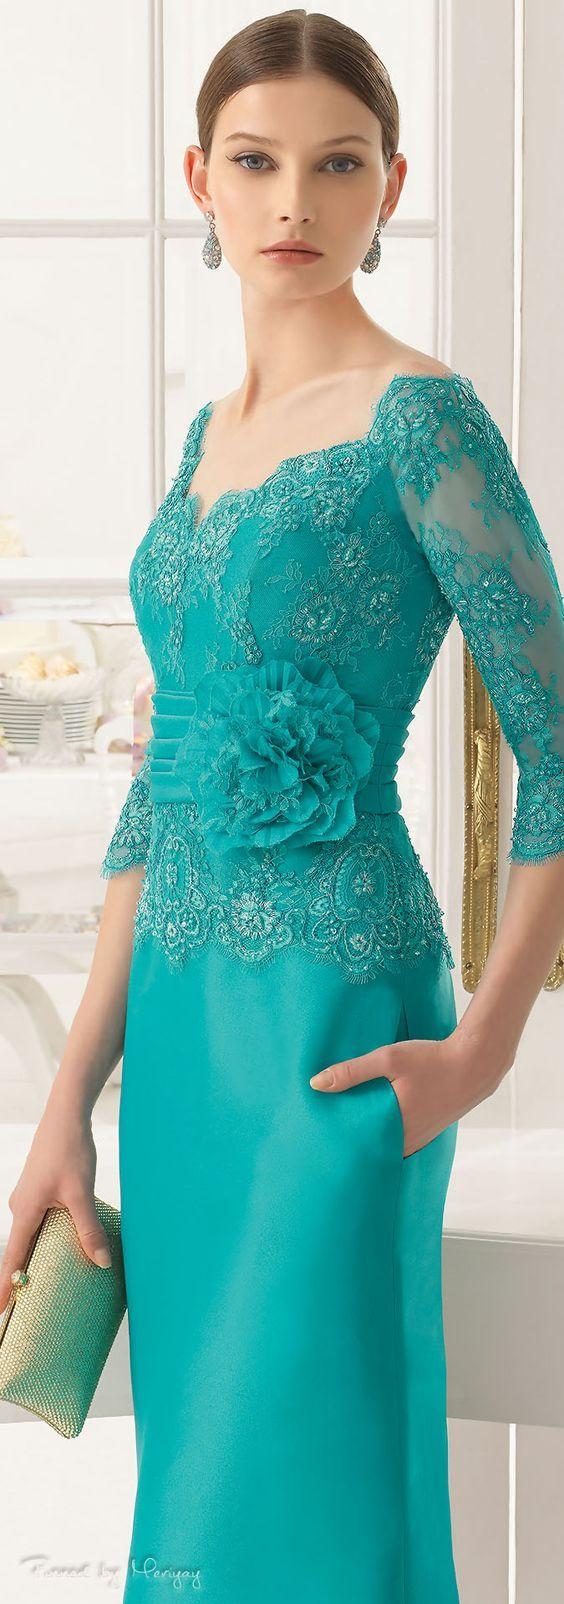 Aire Barcelona.2015.  Este vestido en particular es demasiado elegante para la boda de Shelby, pero creo que es precioso, así que estoy guardando en caso de que un día, cuando Ryan se casa si es formal .: